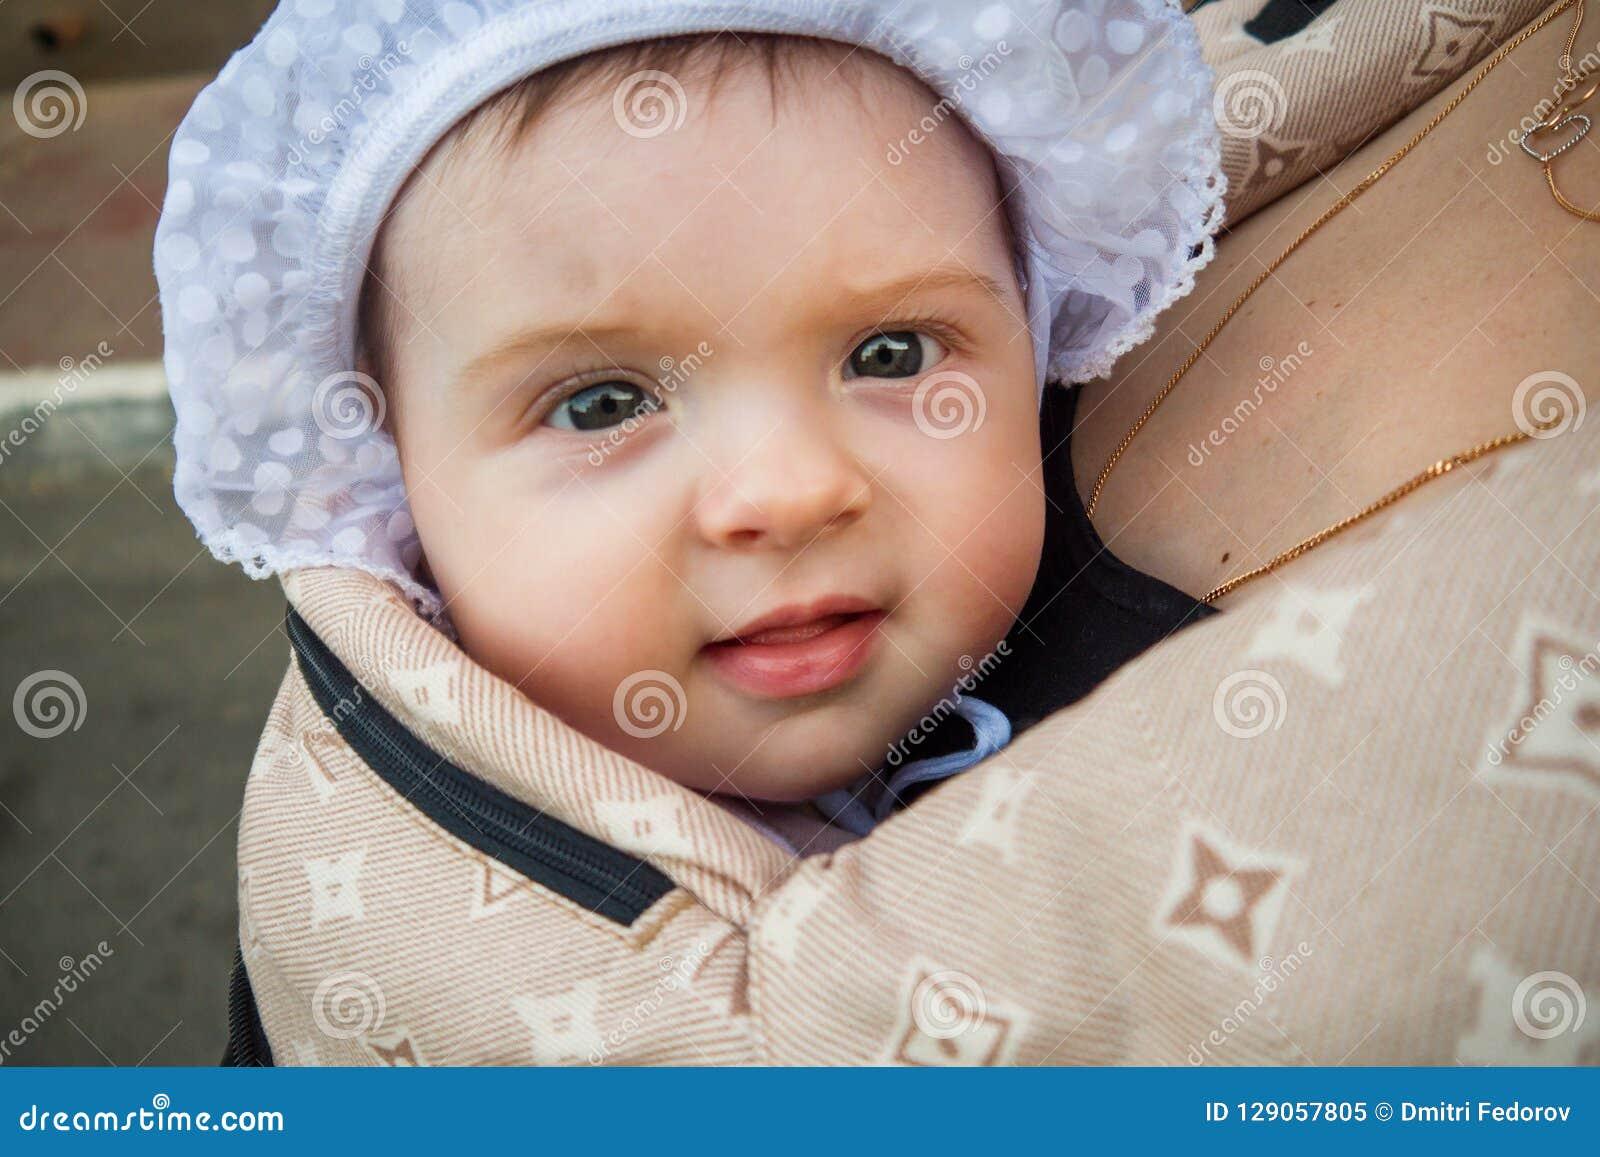 Ein kleines Kind in einem Kind-` s Rucksack mit Mutter Hälfte ein jähriges Baby Weg hinunter die Straße